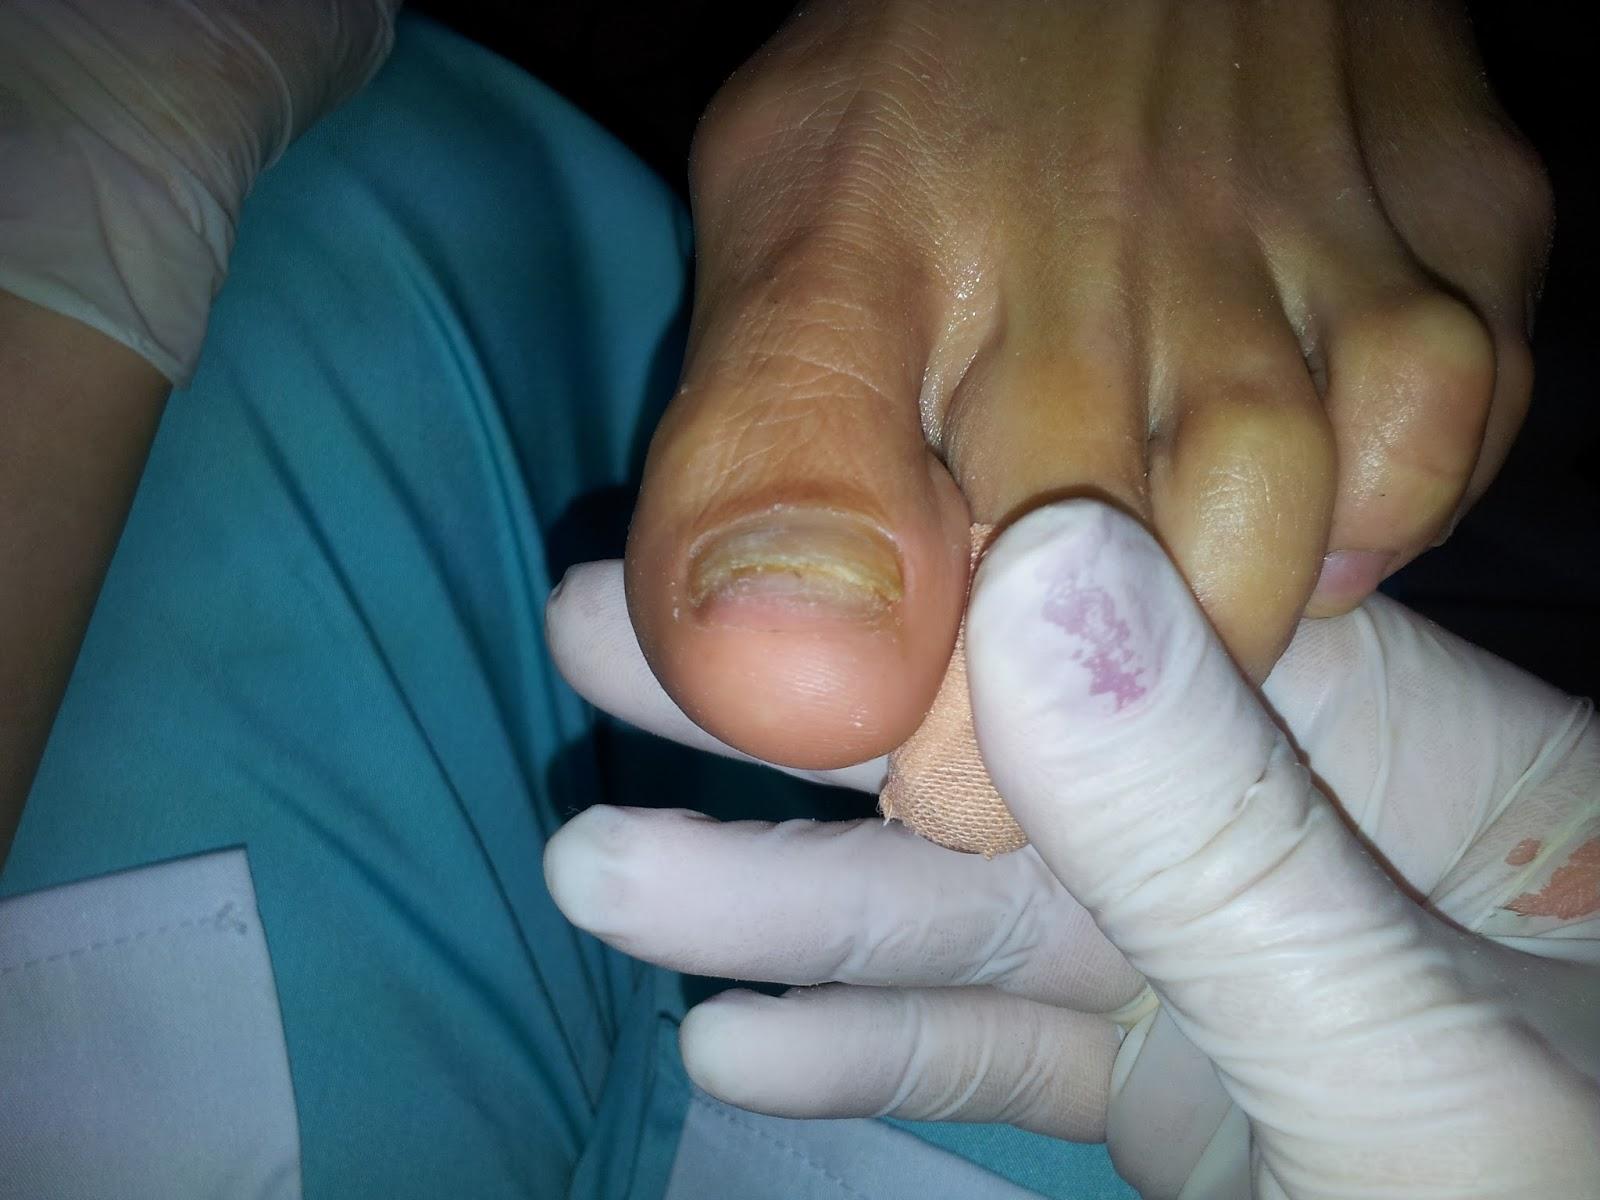 Член между пальцев ног фото, Дрочит хуй ногами увлекательное порно фото порева 3 фотография